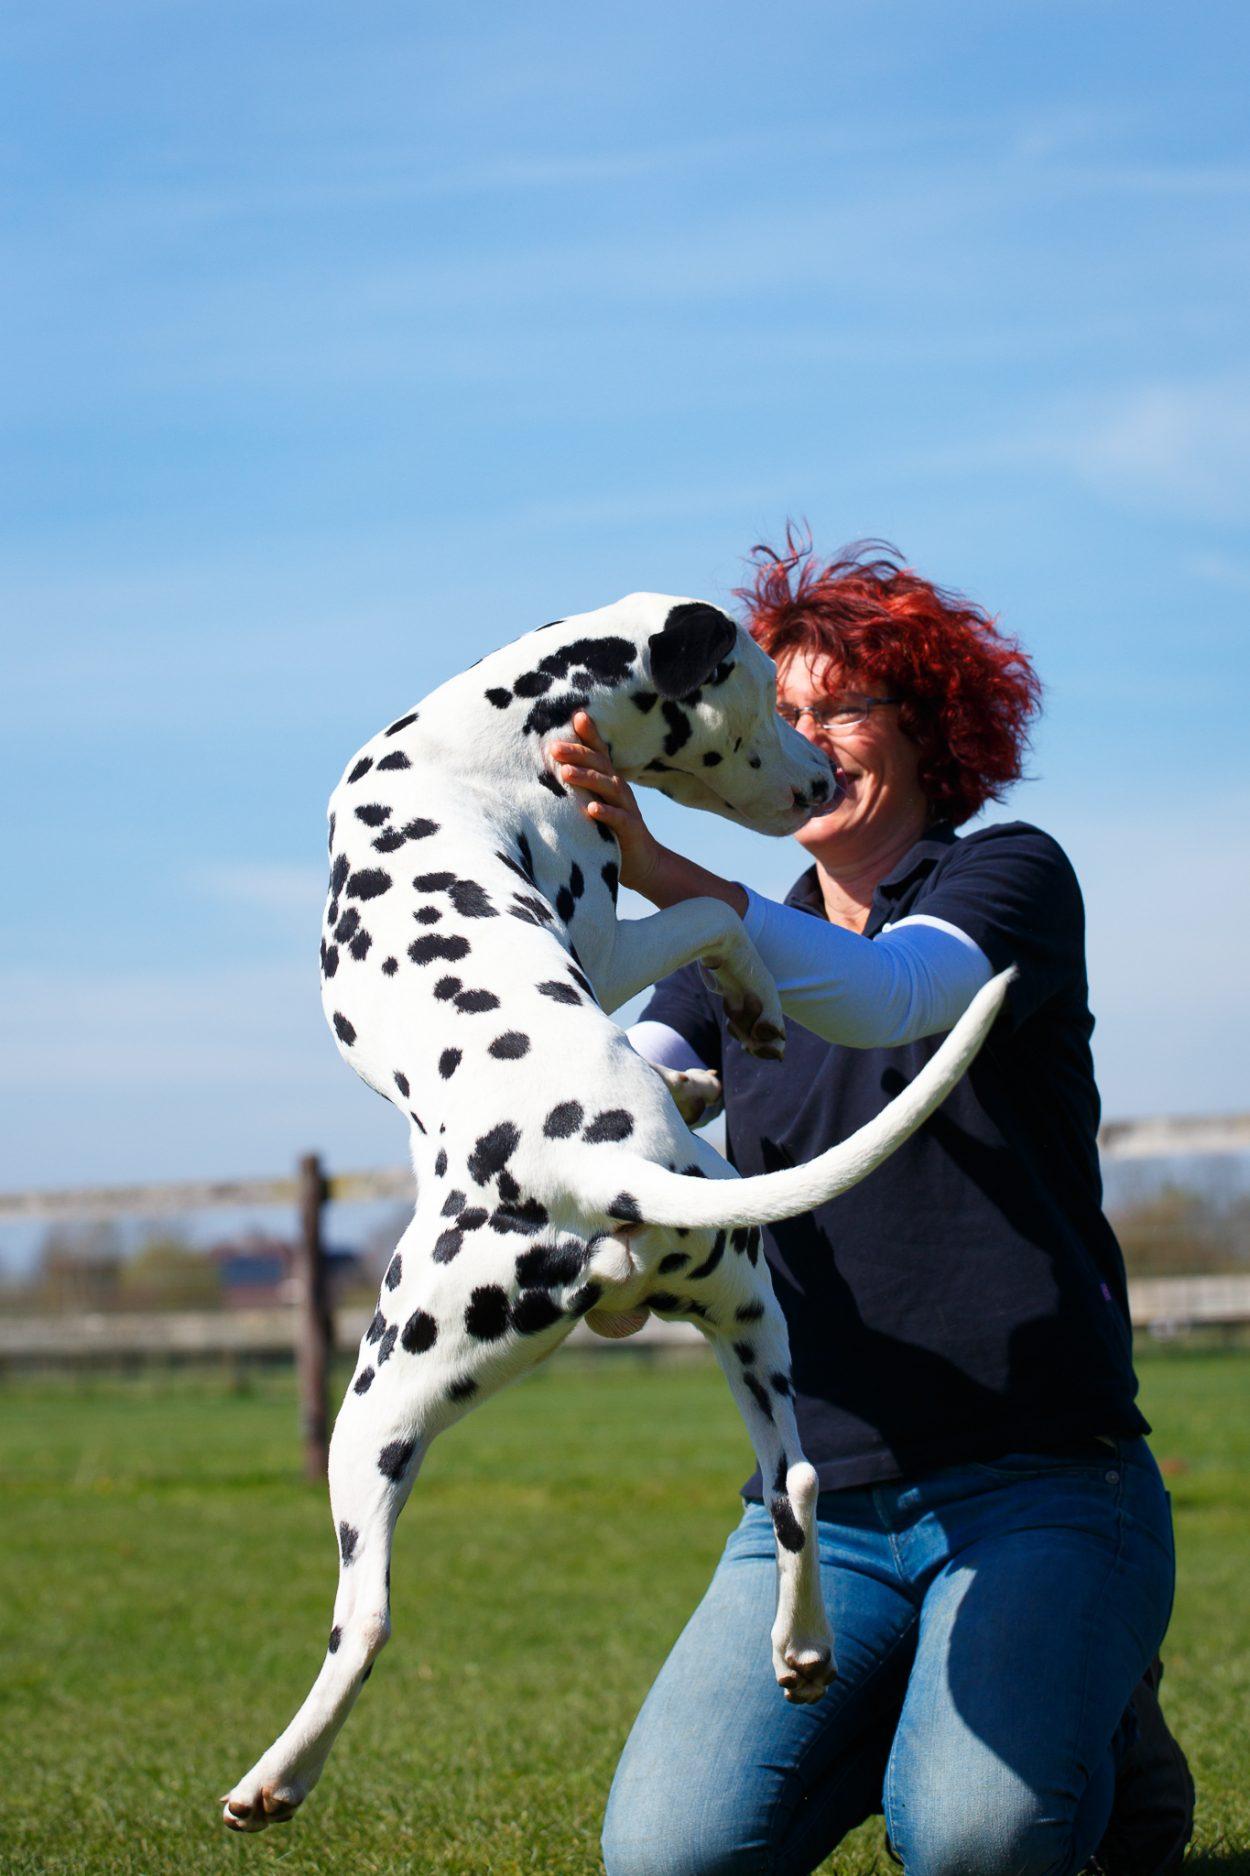 opsringen tegen mensen, feestdagen met honden